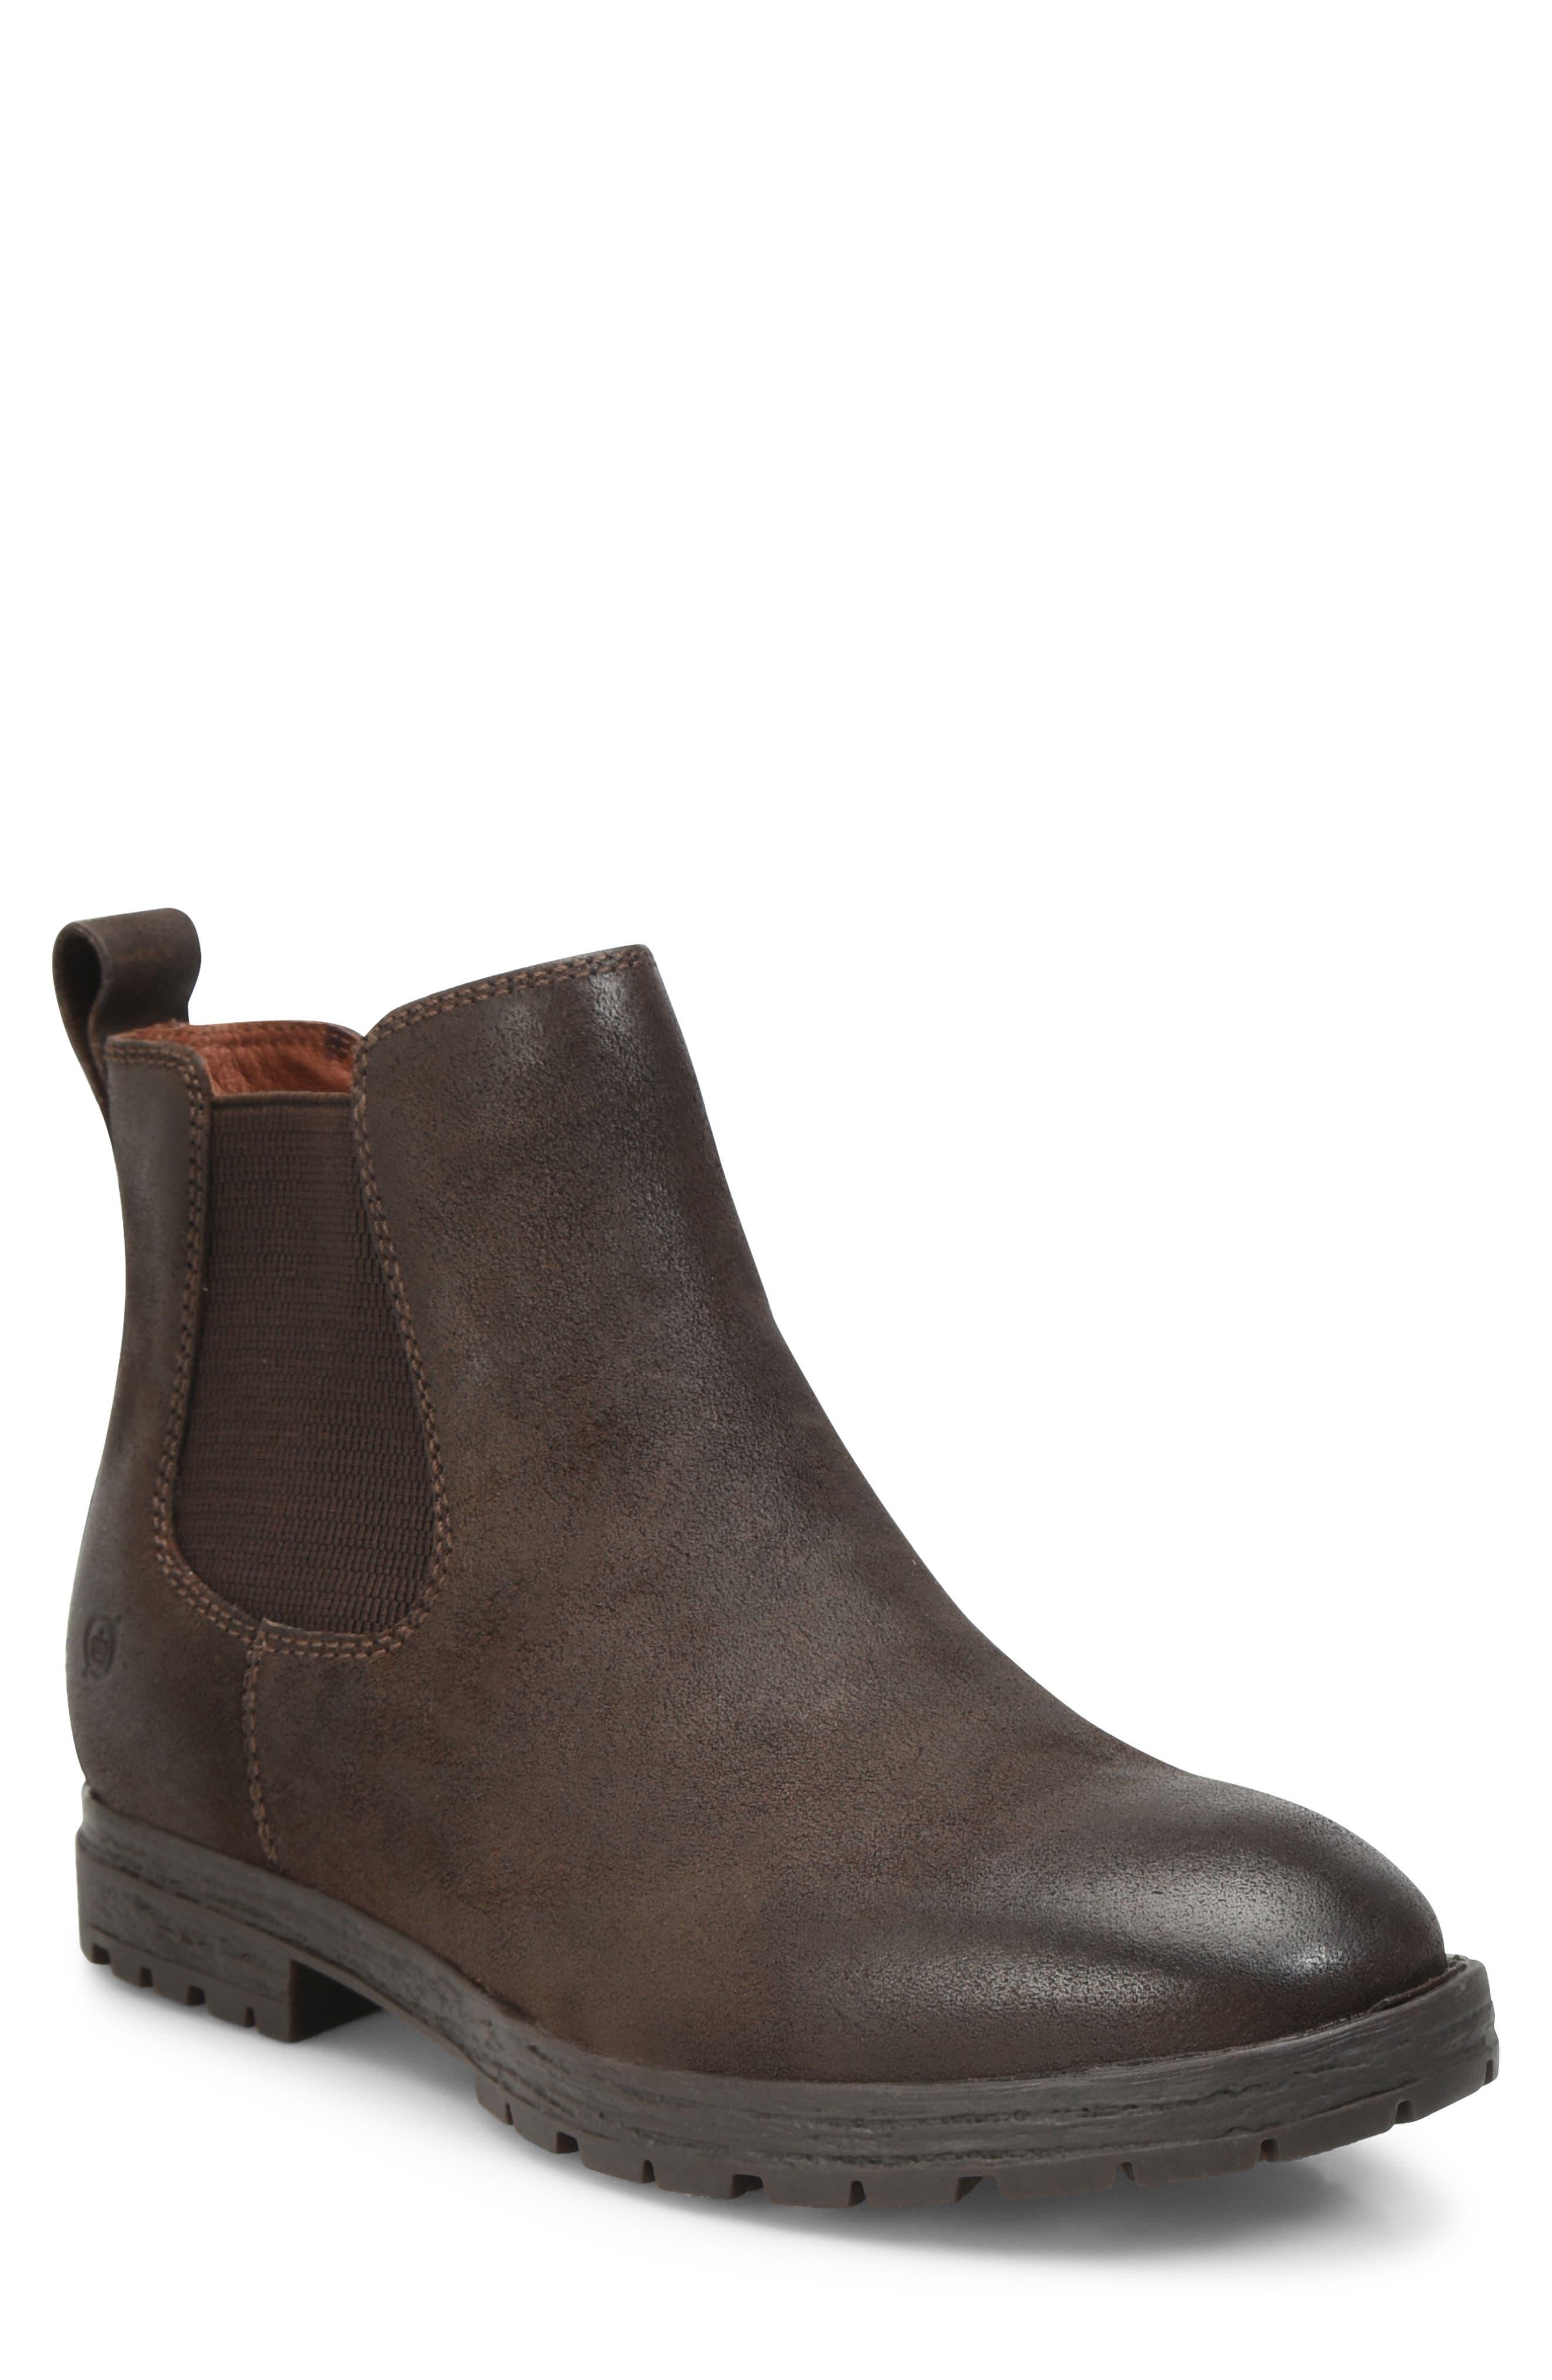 B?rn Pike Mid Waterproof Chelsea Boot- Brown